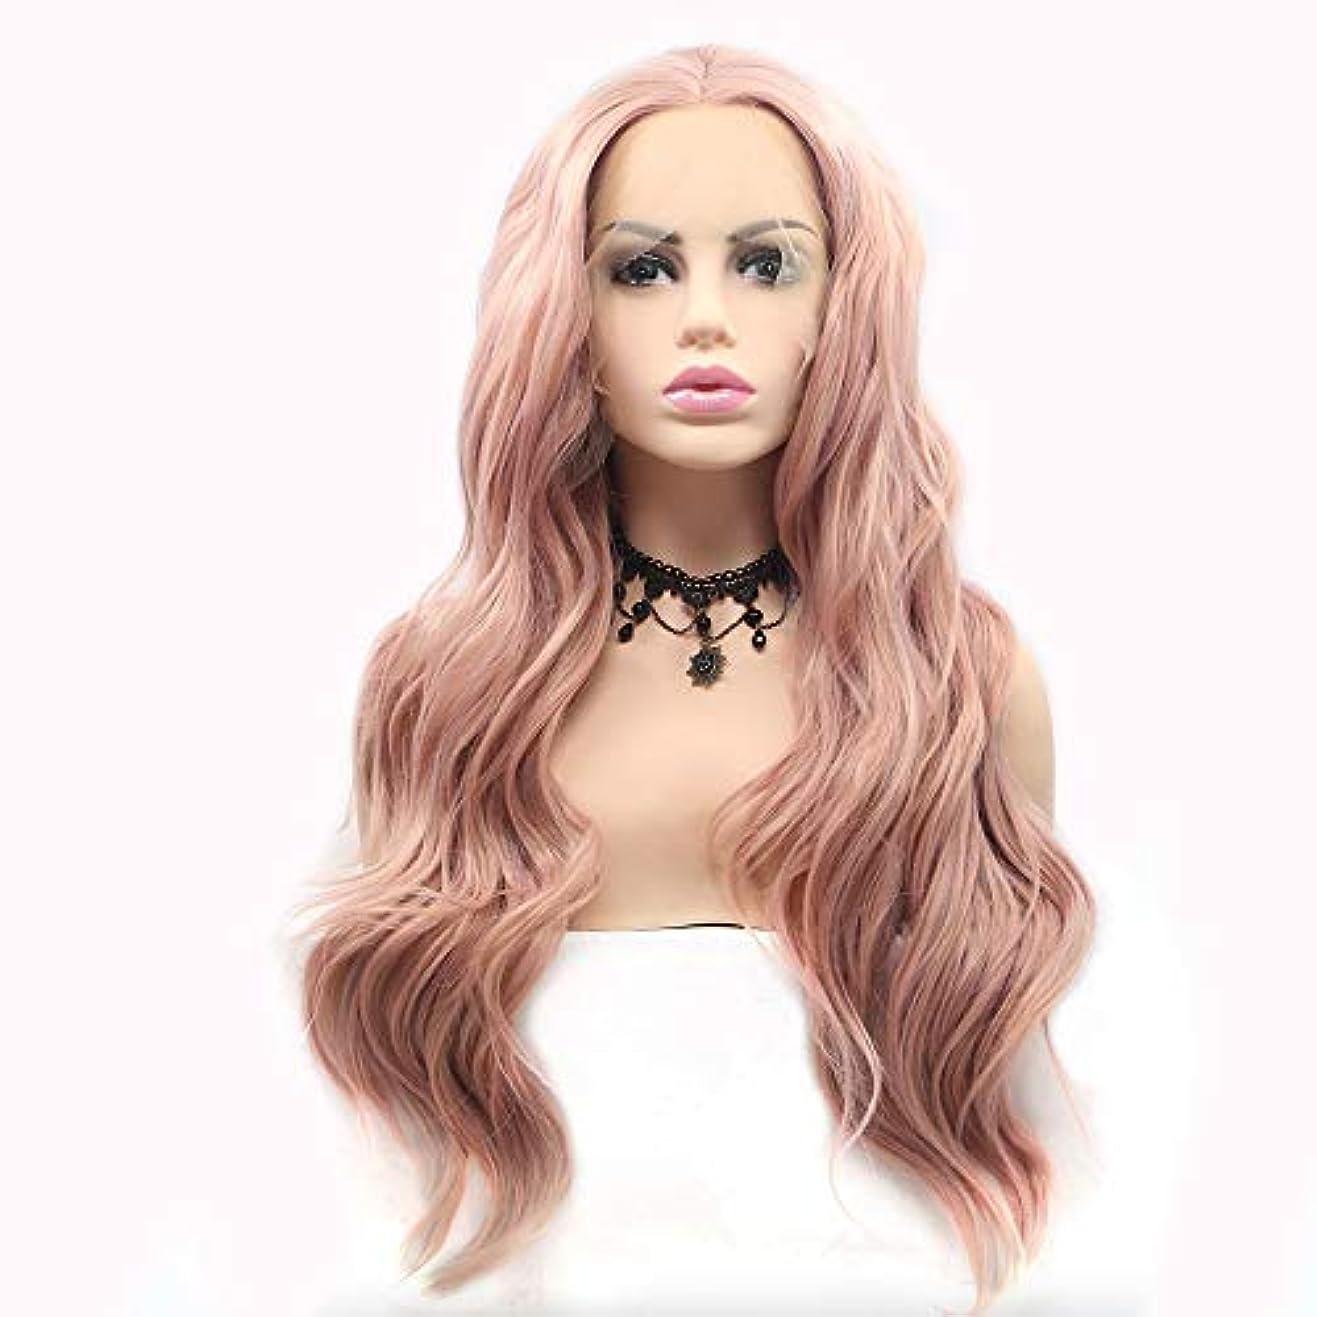 承知しましたの量電話HAILAN HOME-かつら ピンクビッグロールウィッグレディハンドレースのヨーロッパとアメリカのウィッグセットウィッグセットナチュラル自然換気ビッグウェーブロール粘り強い髪